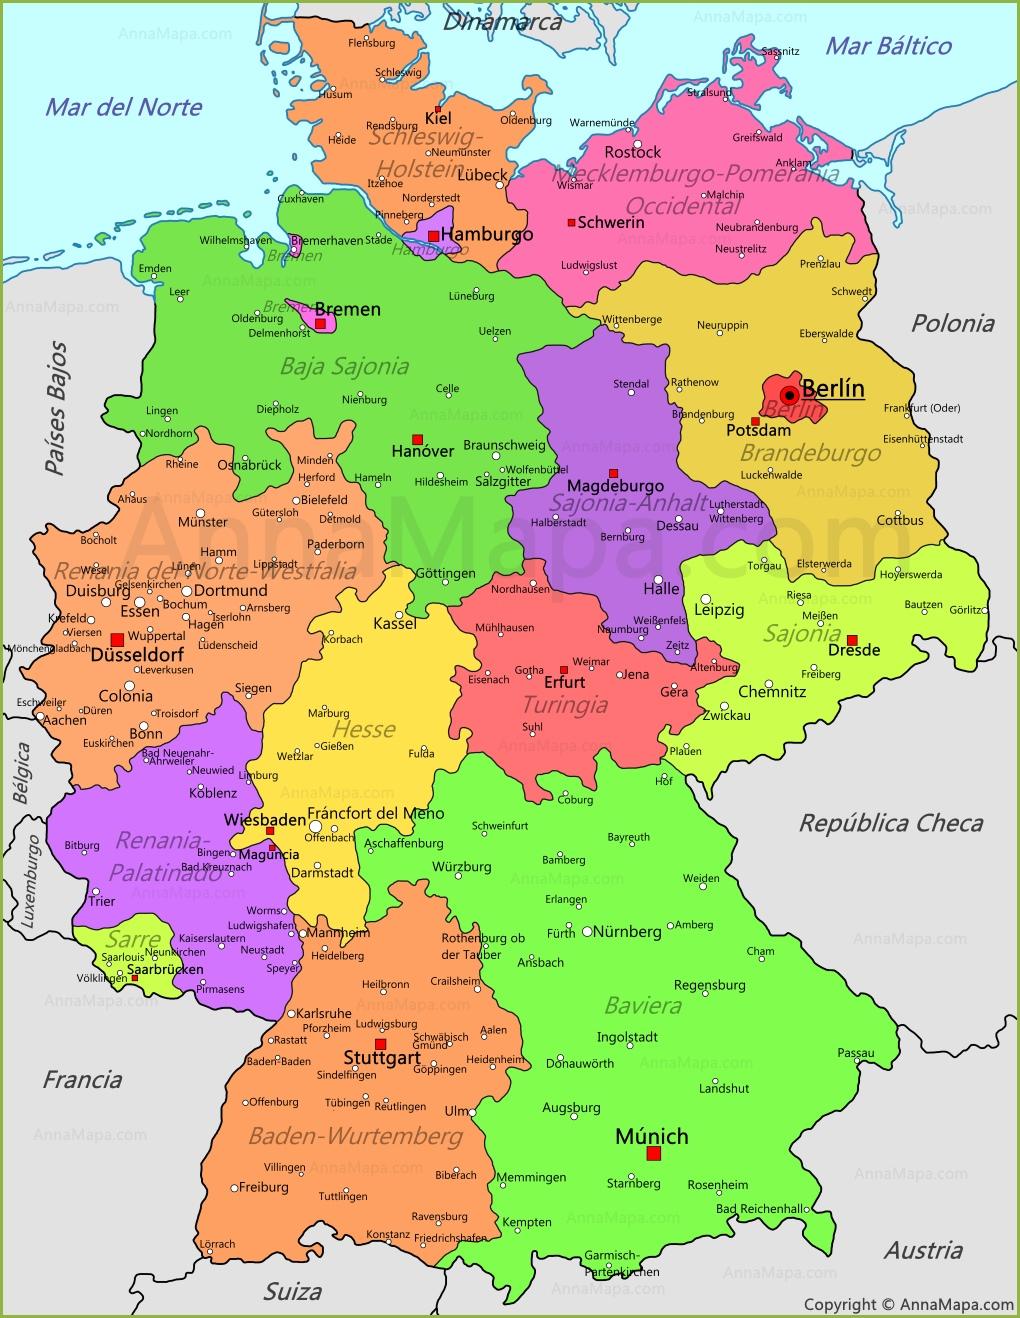 Mapa De Alemania Ciudades.Mapa De Alemania Plano Alemania Annamapa Com